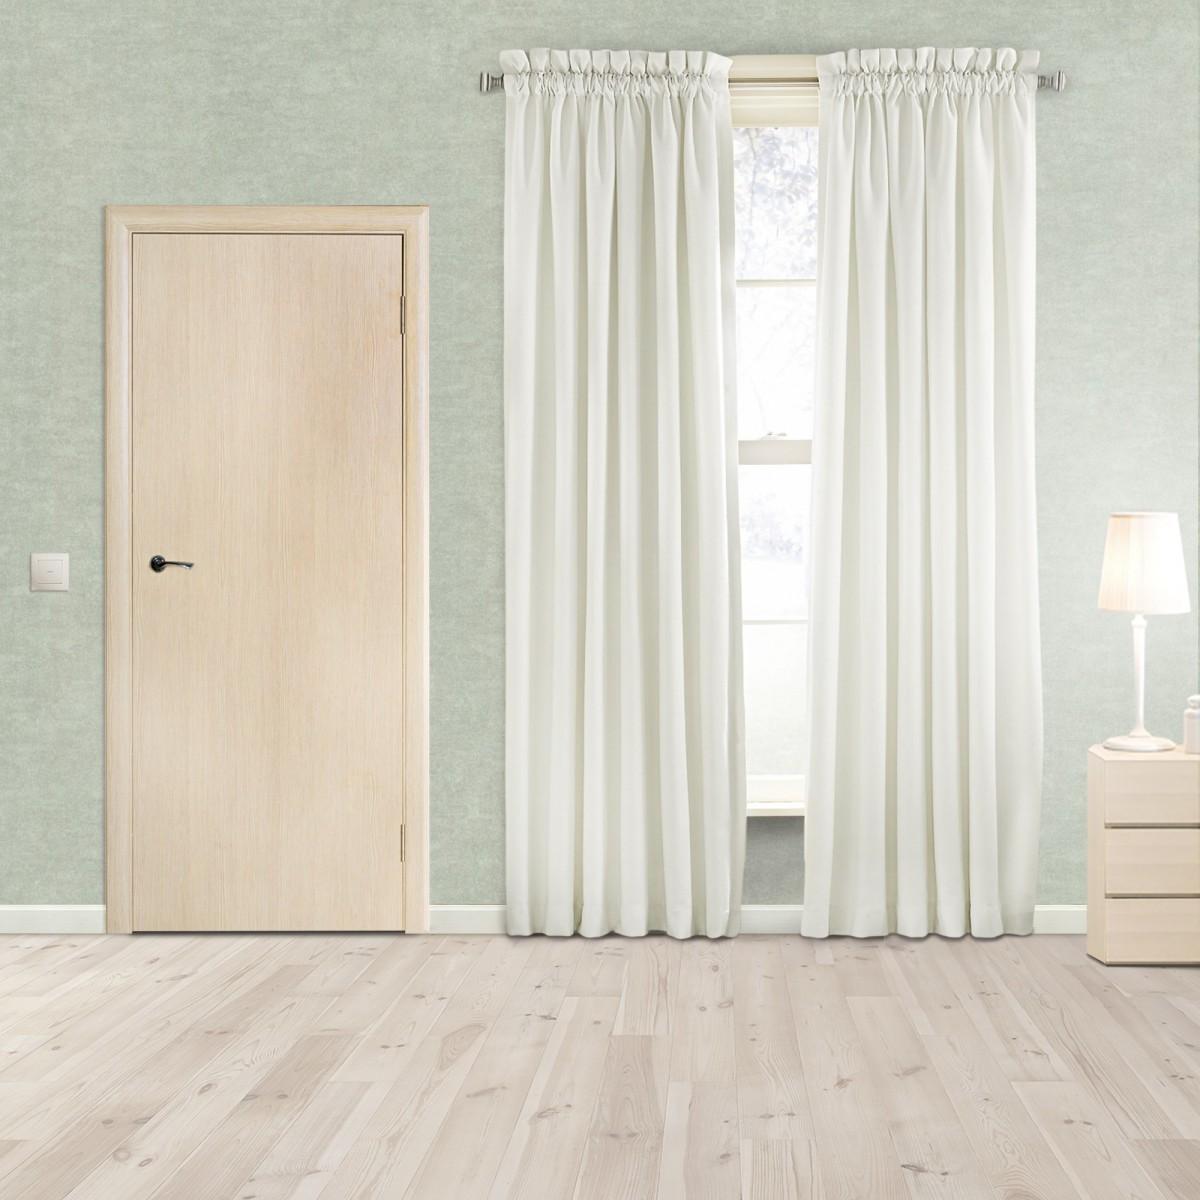 Дверь Межкомнатная Глухая Aura 80x200 Ламинация Цвет Ясень 3d